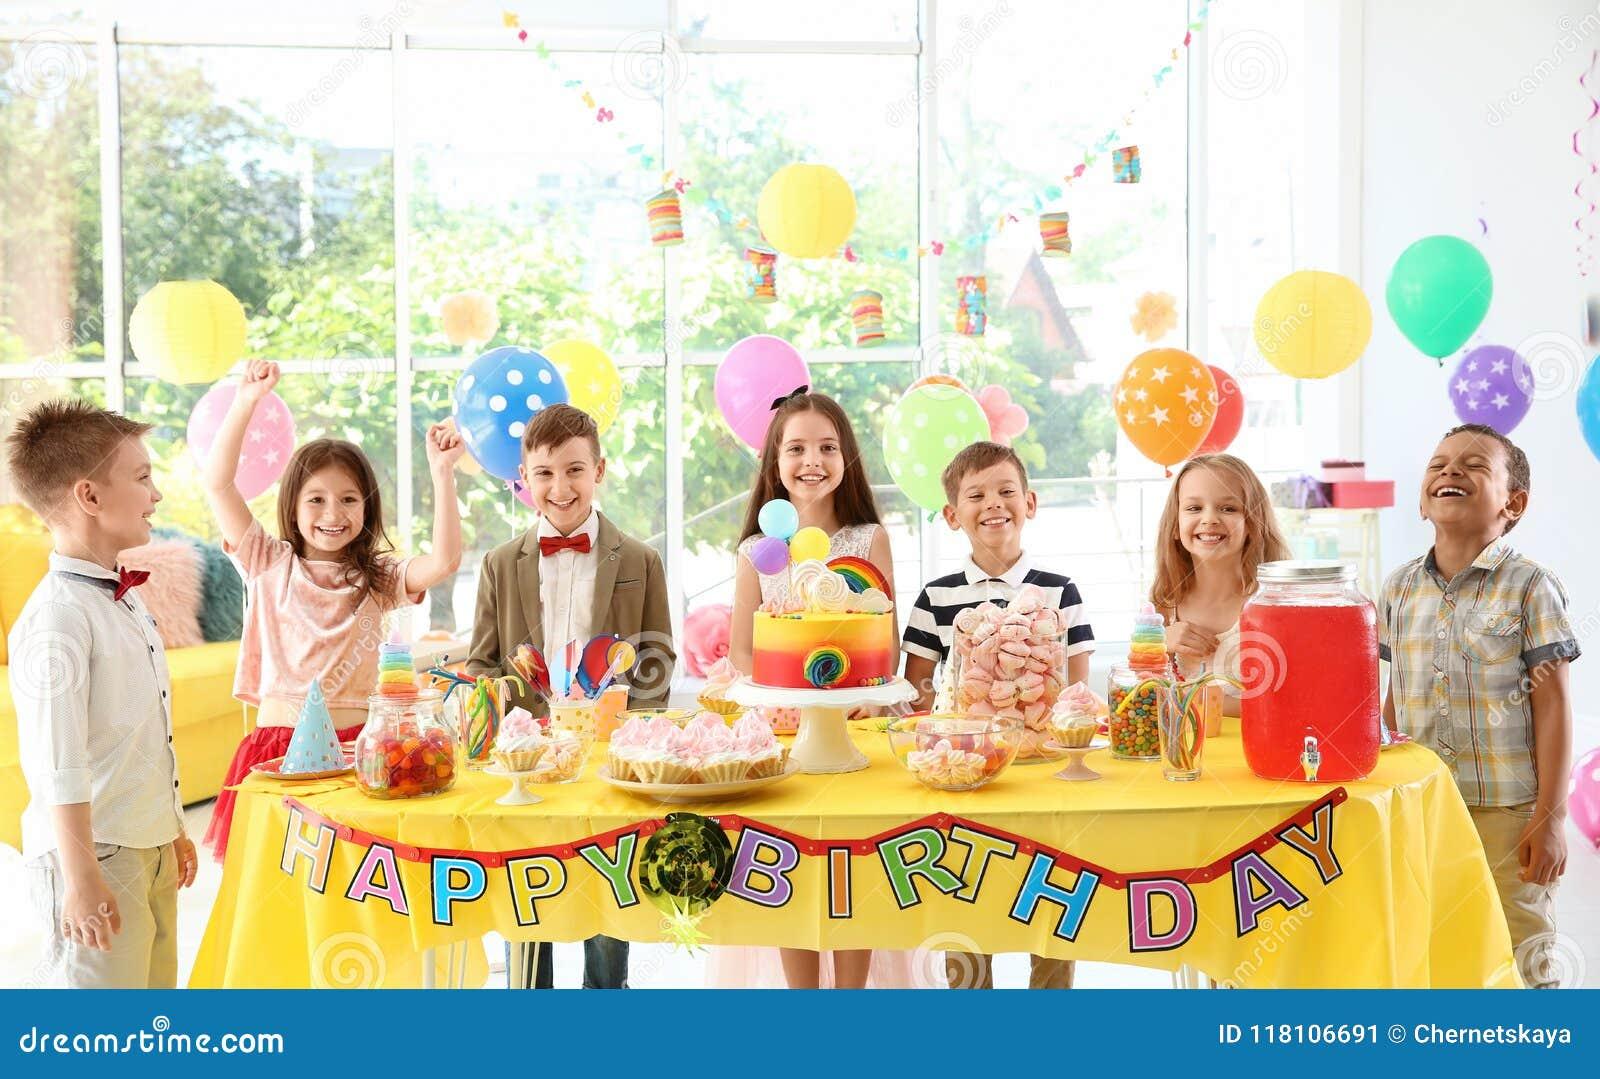 Χαριτωμένα παιδιά κοντά στον πίνακα με τις απολαύσεις στη γιορτή γενεθλίων στο εσωτερικό